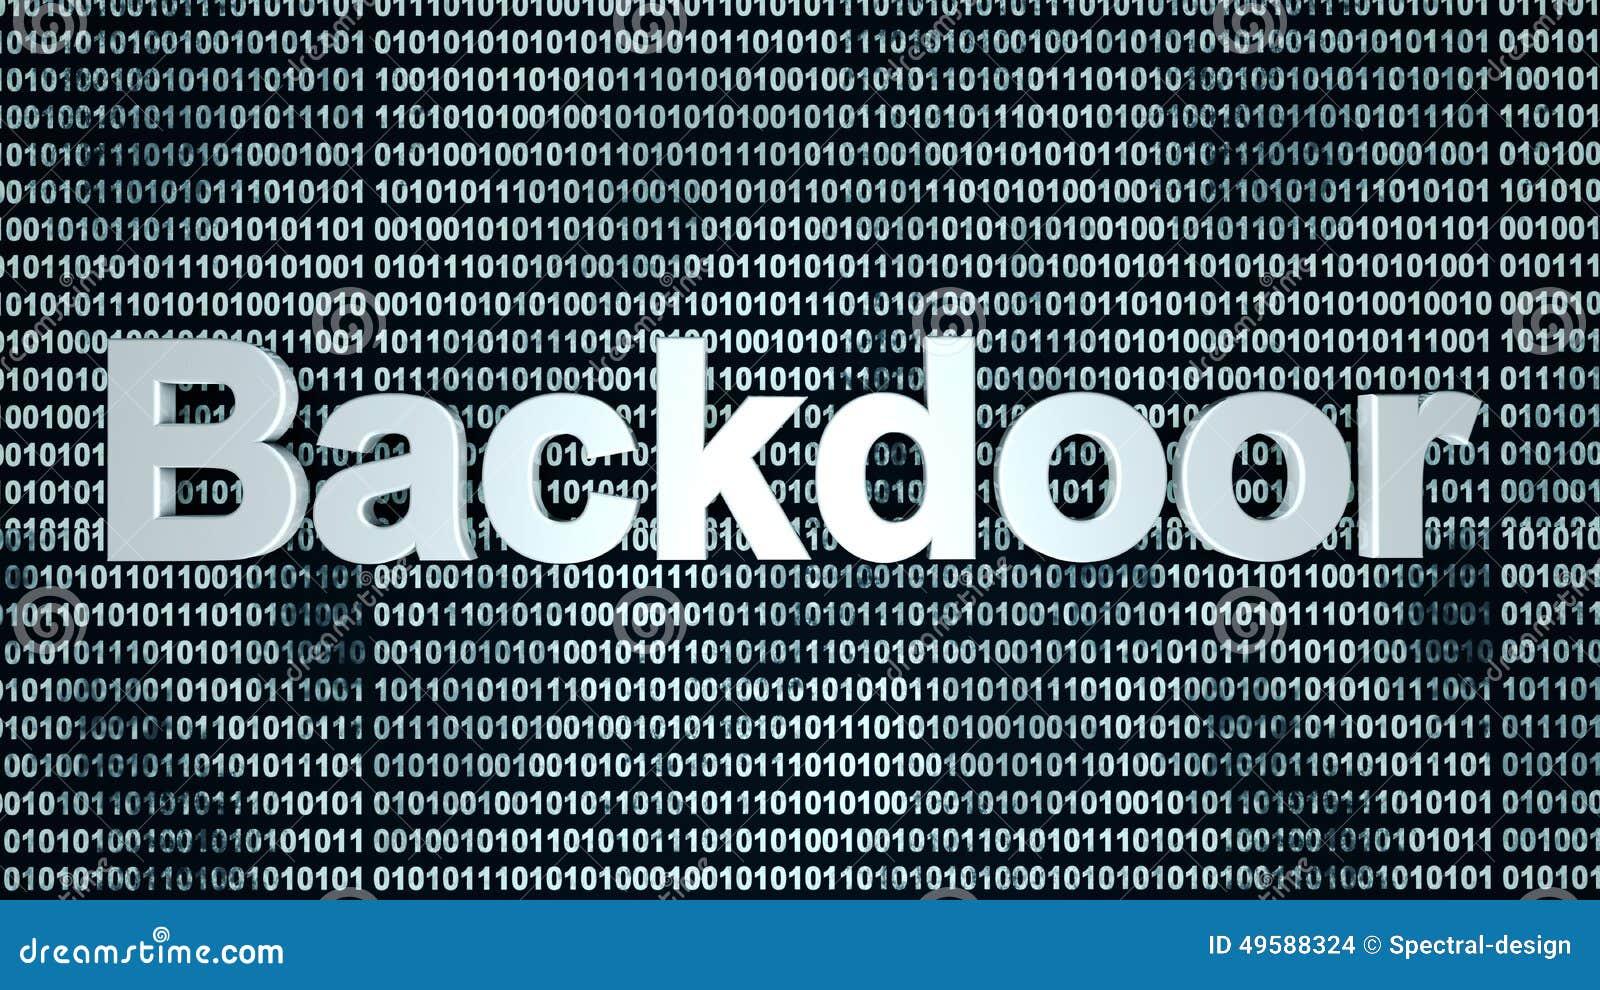 Backdoor stock illustration  Illustration of backdoor - 49588324